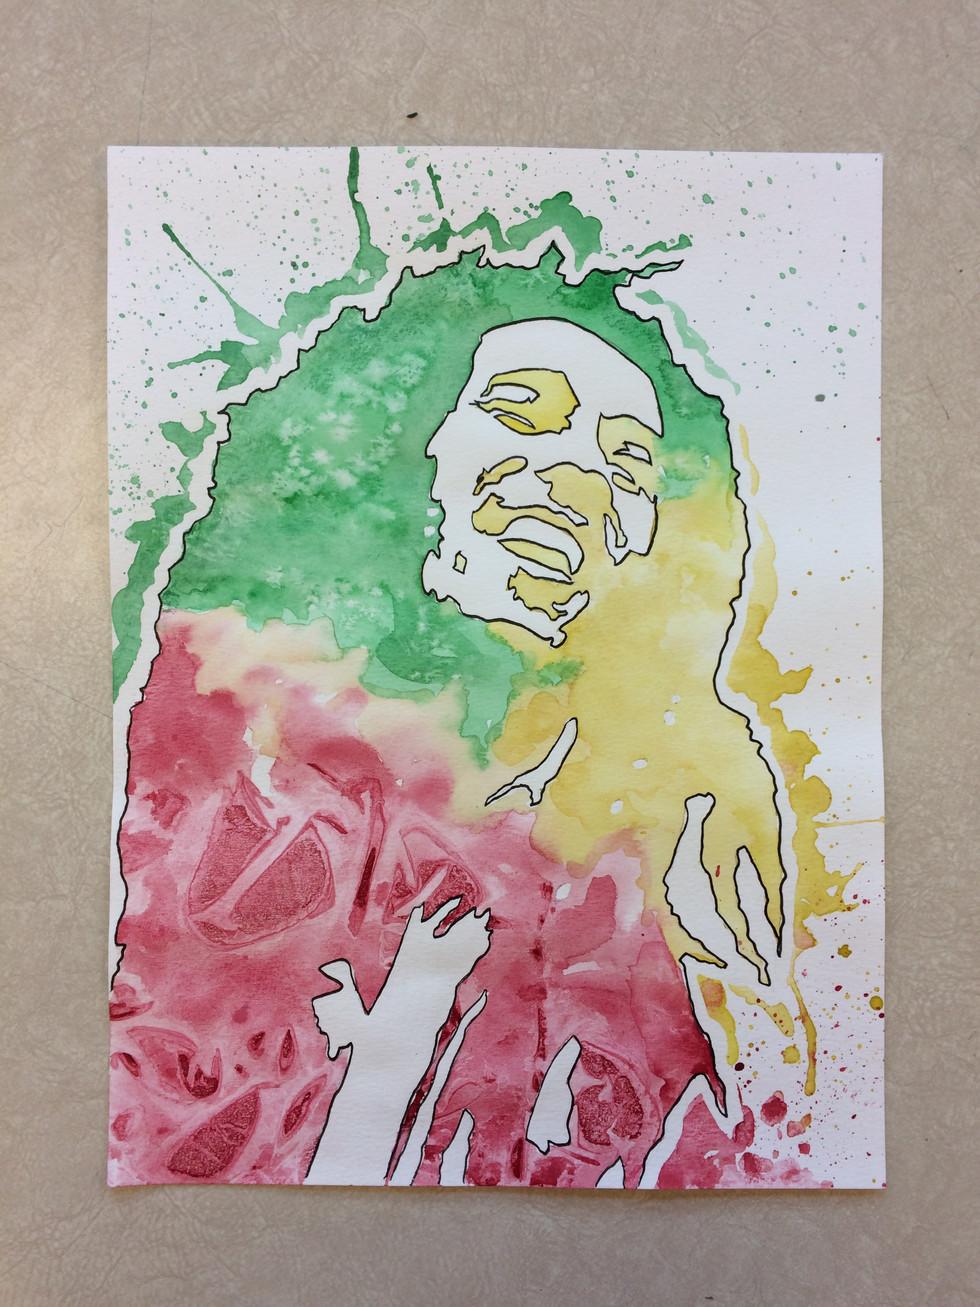 Week 17 - Sunshine Reggae